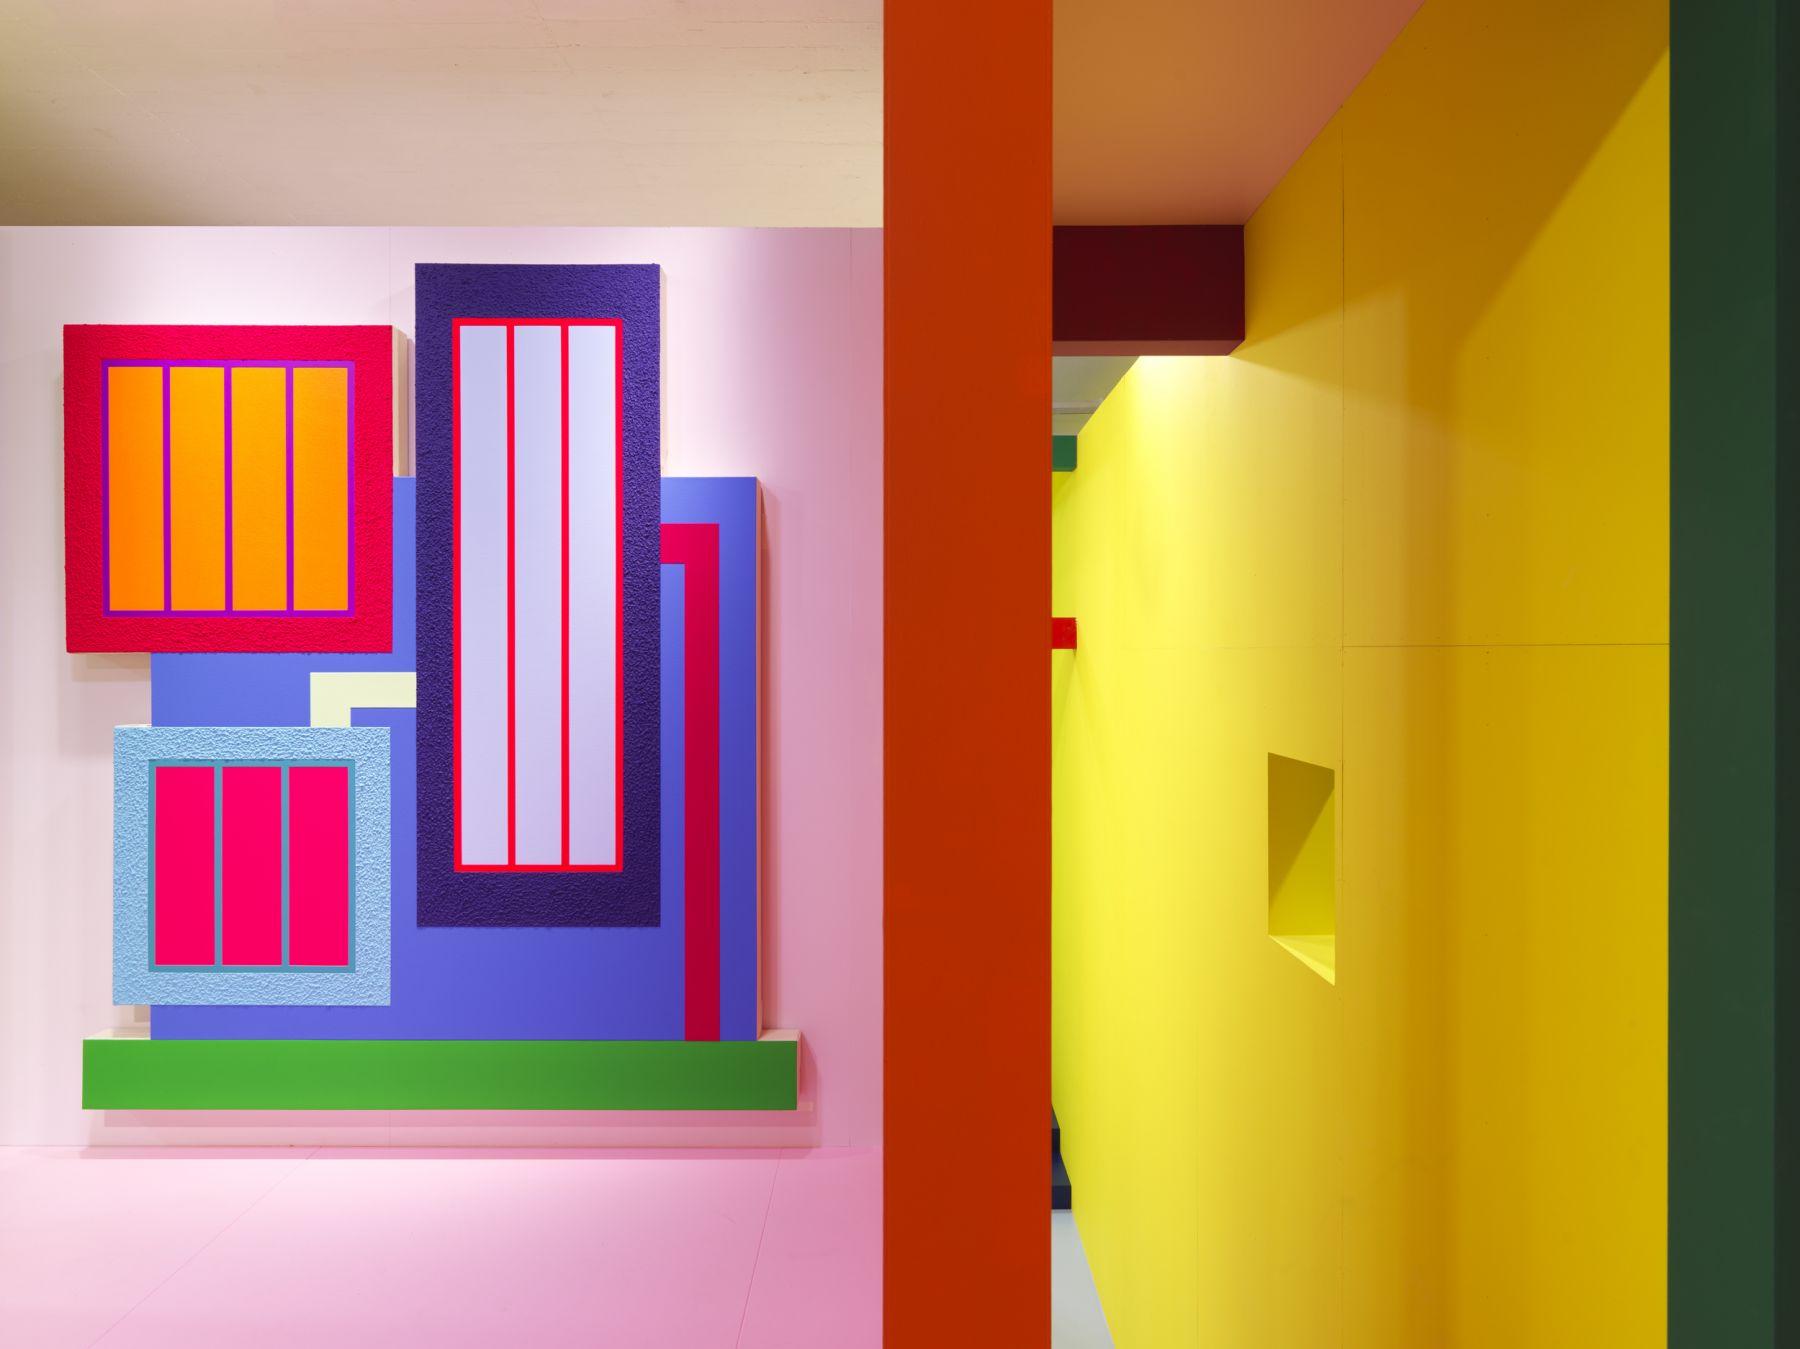 Peter Halley,Installationview,Heterotopia II,Greene Naftali, New York, 2019